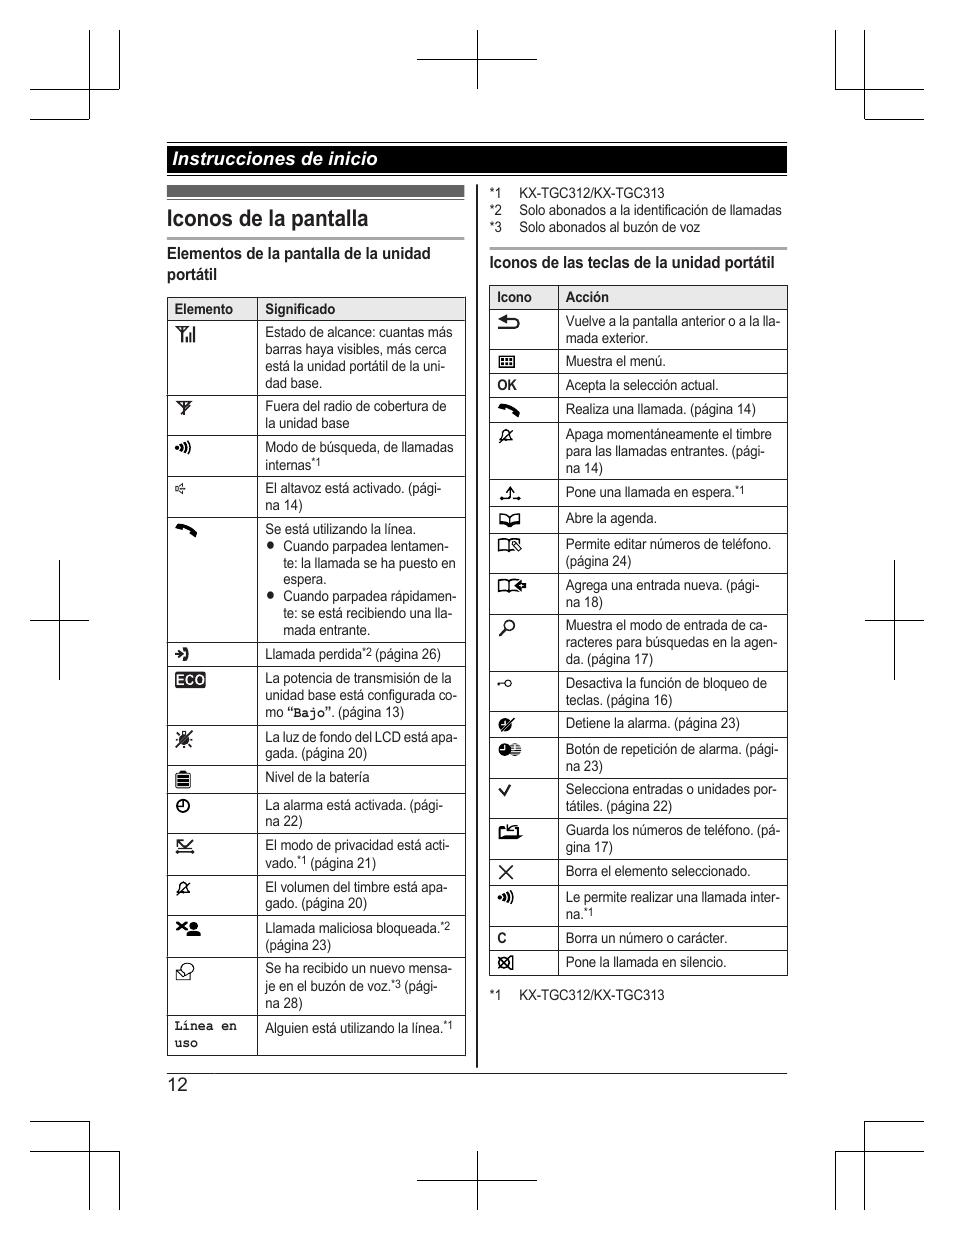 Iconos de la pantalla, 12 instrucciones de inicio